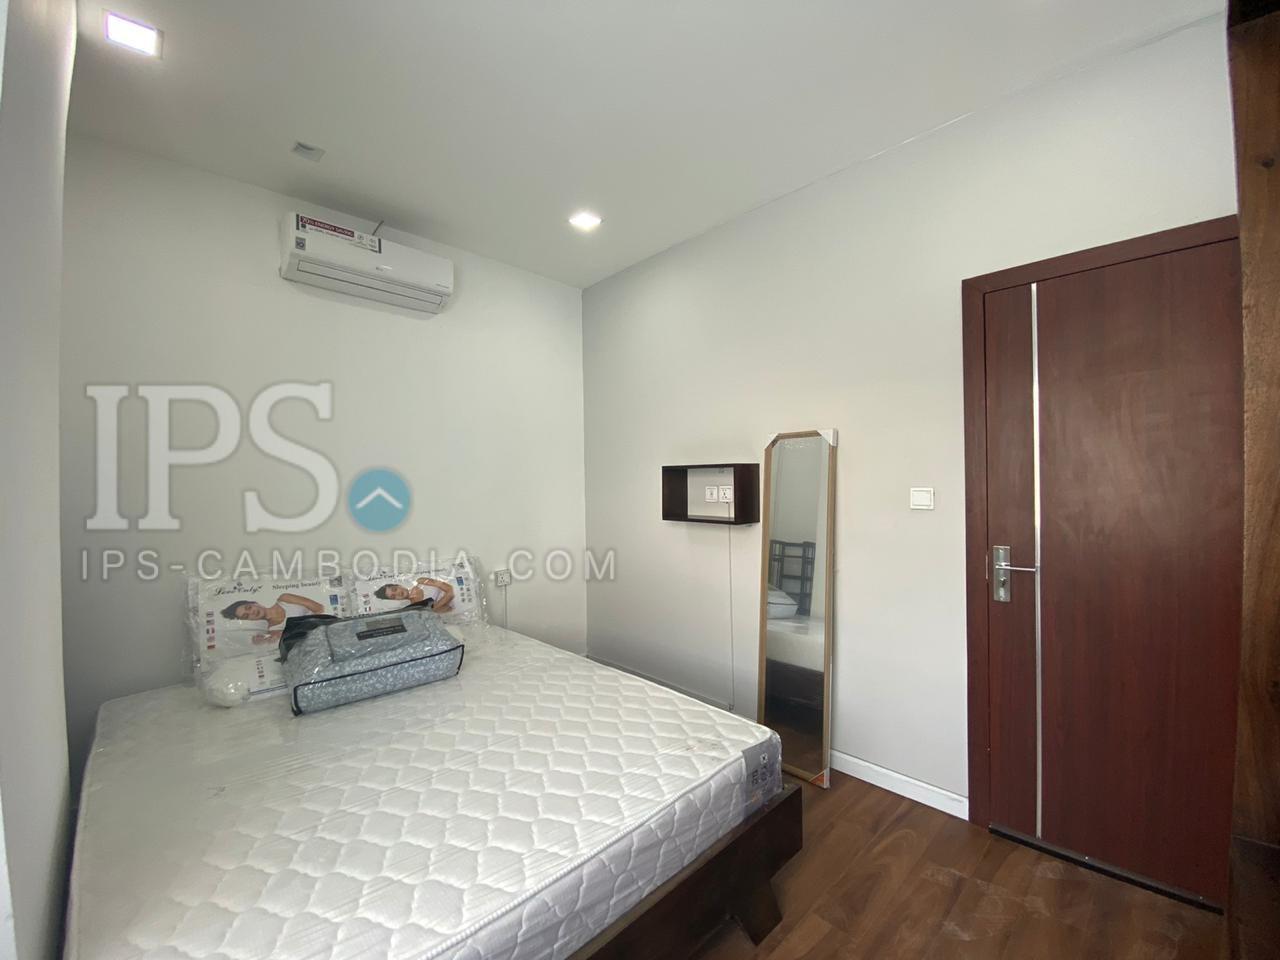 Two Bedrooms For Rent - Daun Penh, Phnom Penh